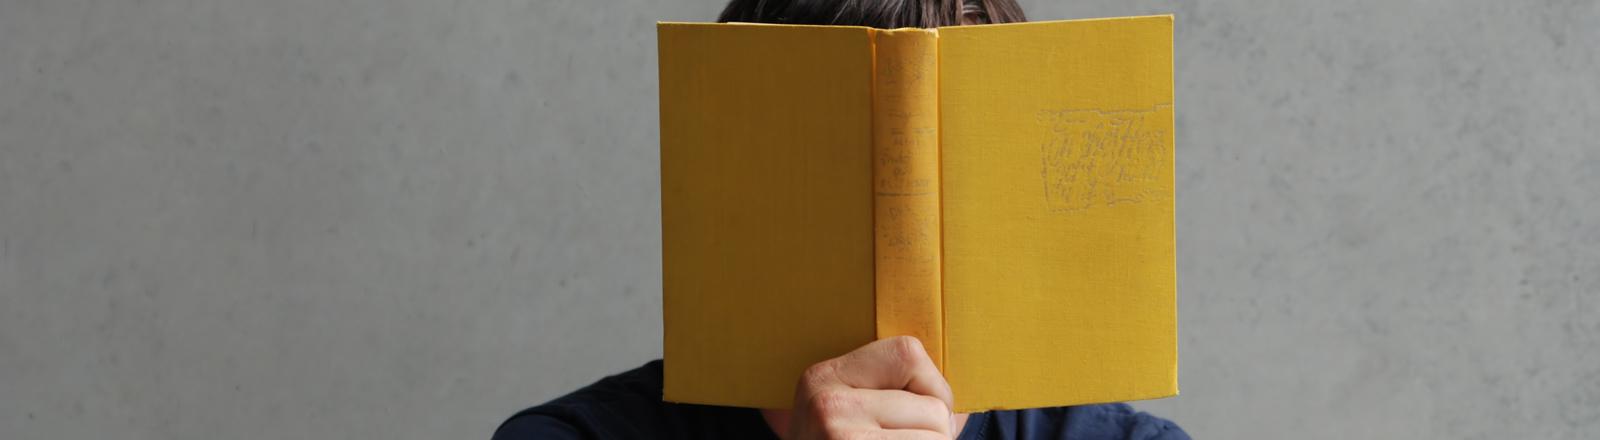 Mann hält sich ein Buch vor das Gesicht